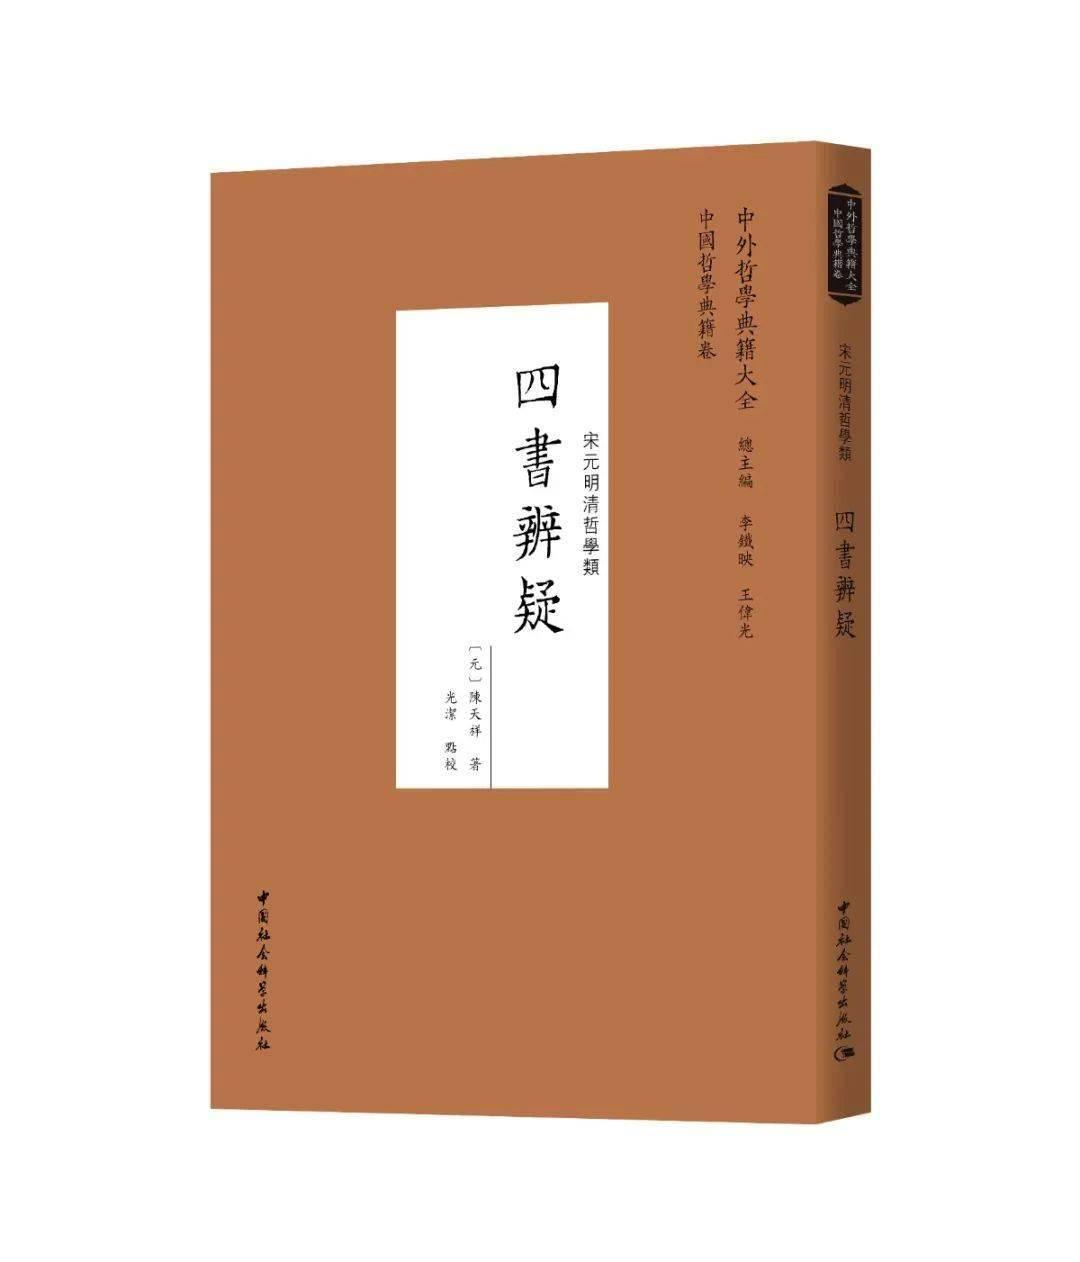 了解元朝历史的书 关于明朝历史的书